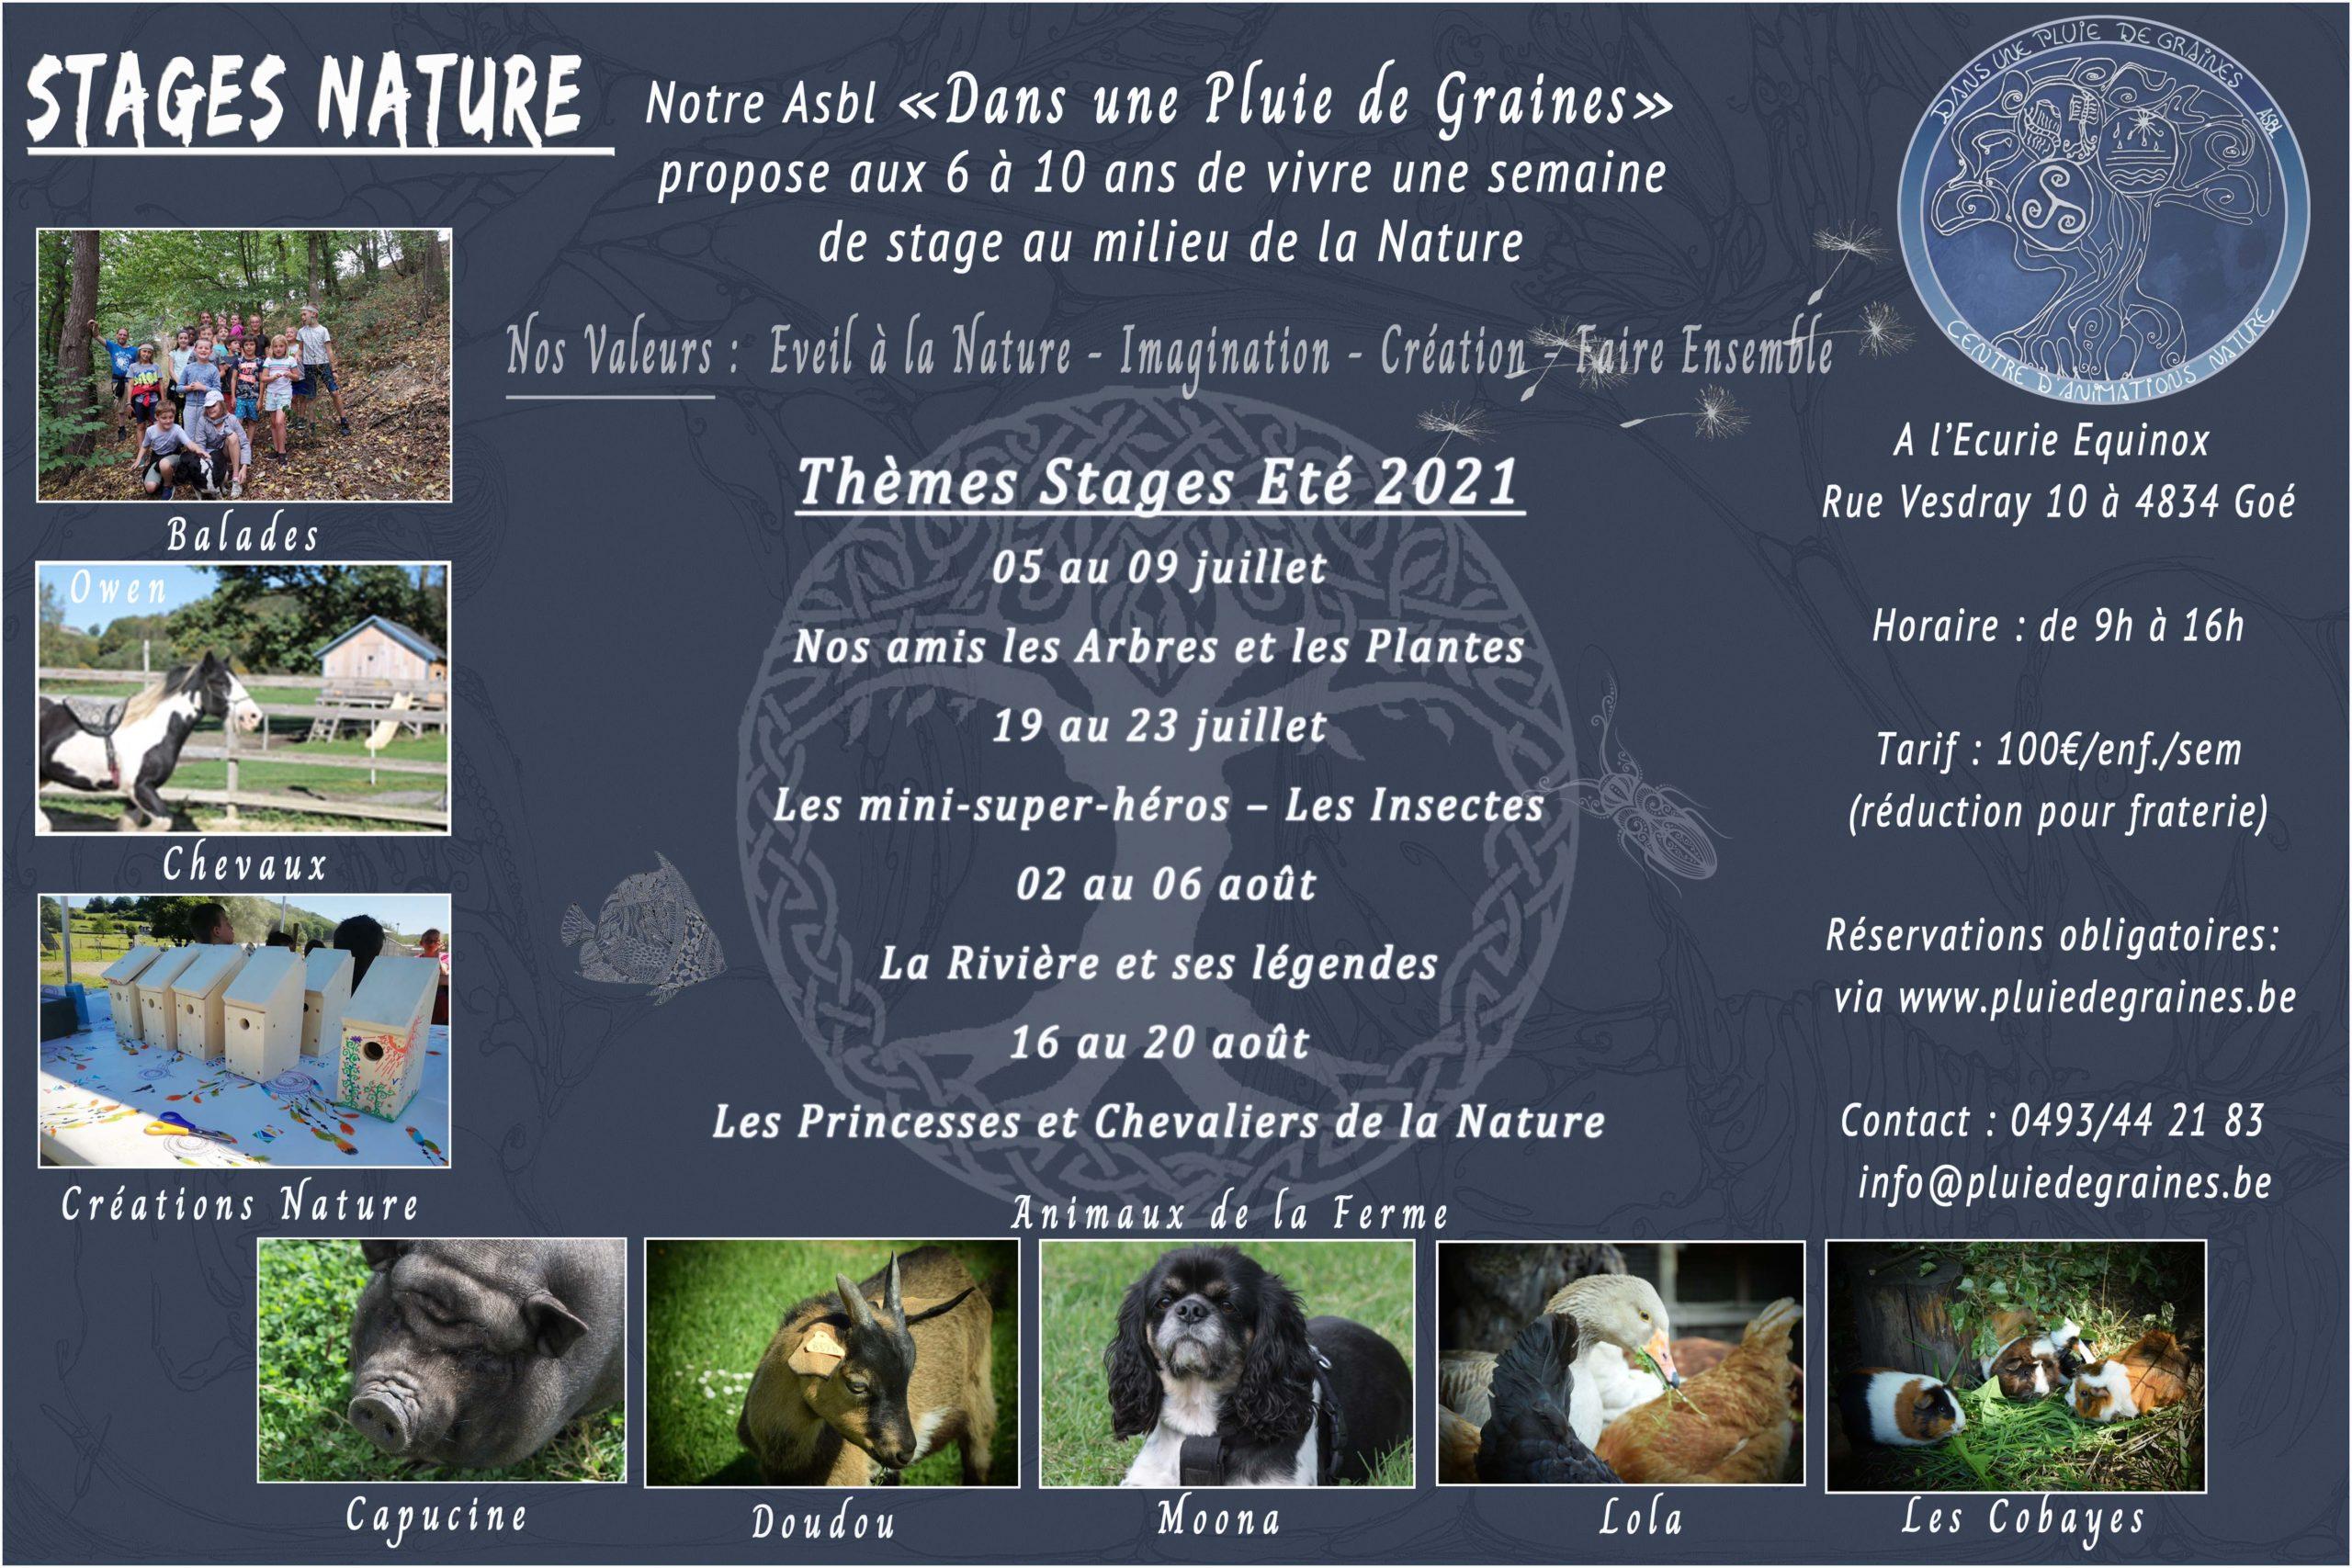 """Stage Nature """"Nos amis les Arbres et Plantes"""""""